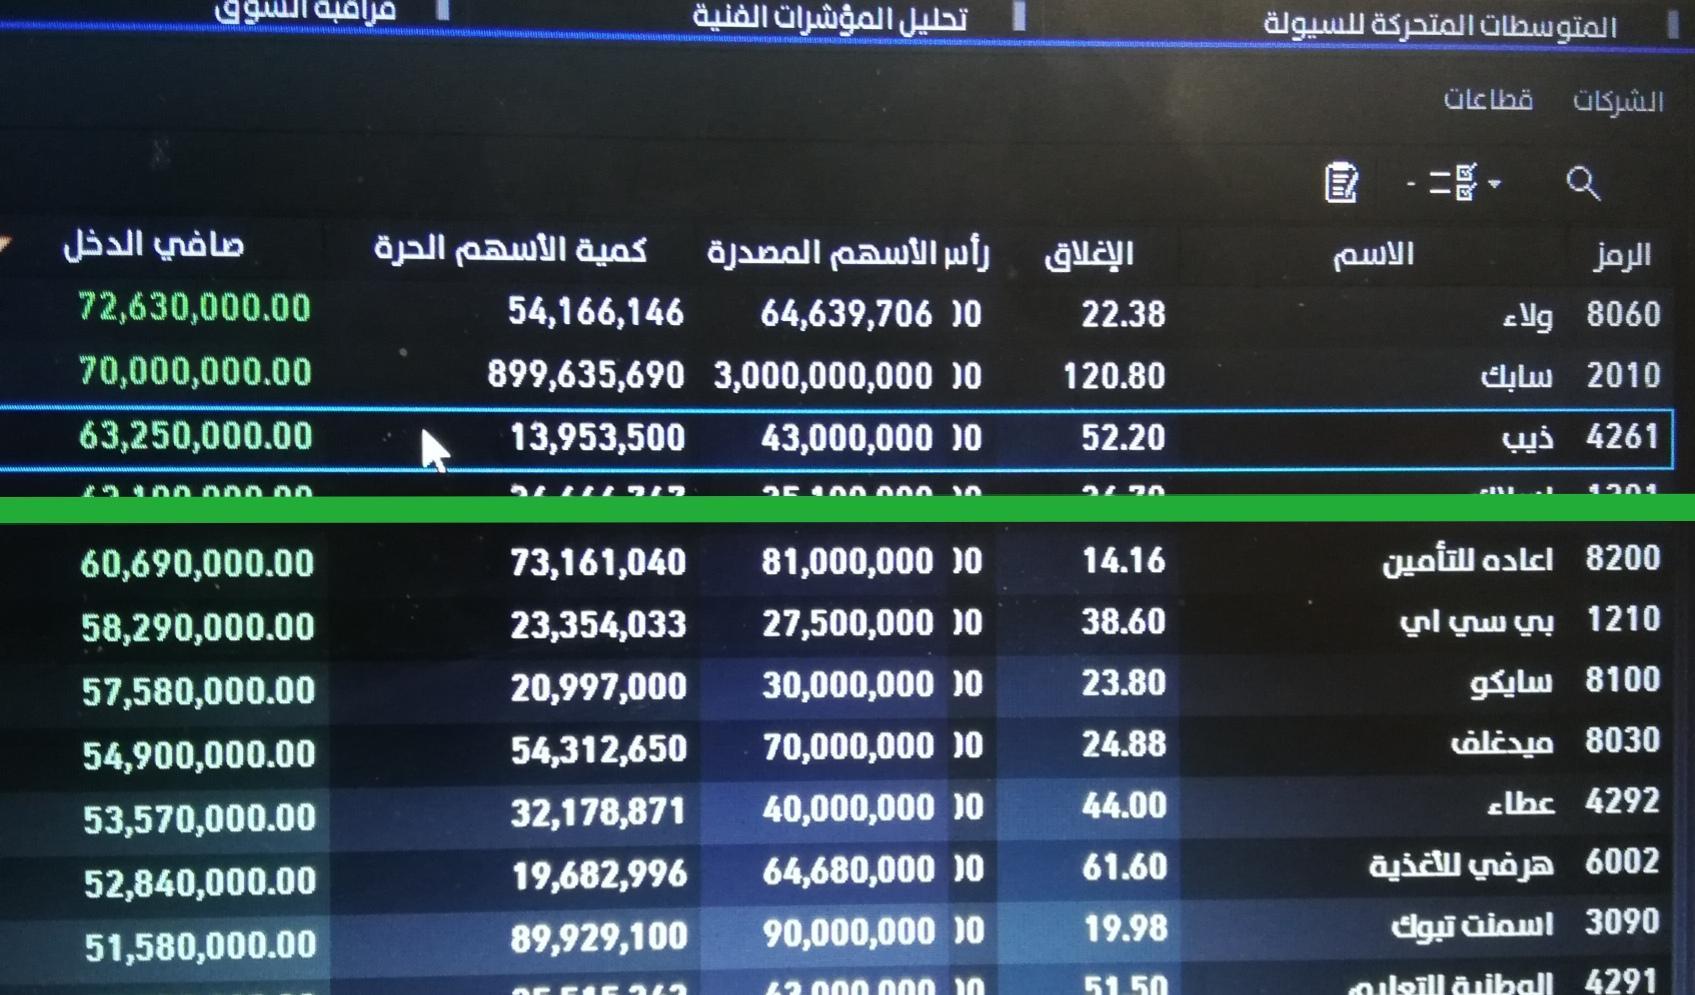 رد: شركة ذيب عدد الأسهم الحرة 14 مليون